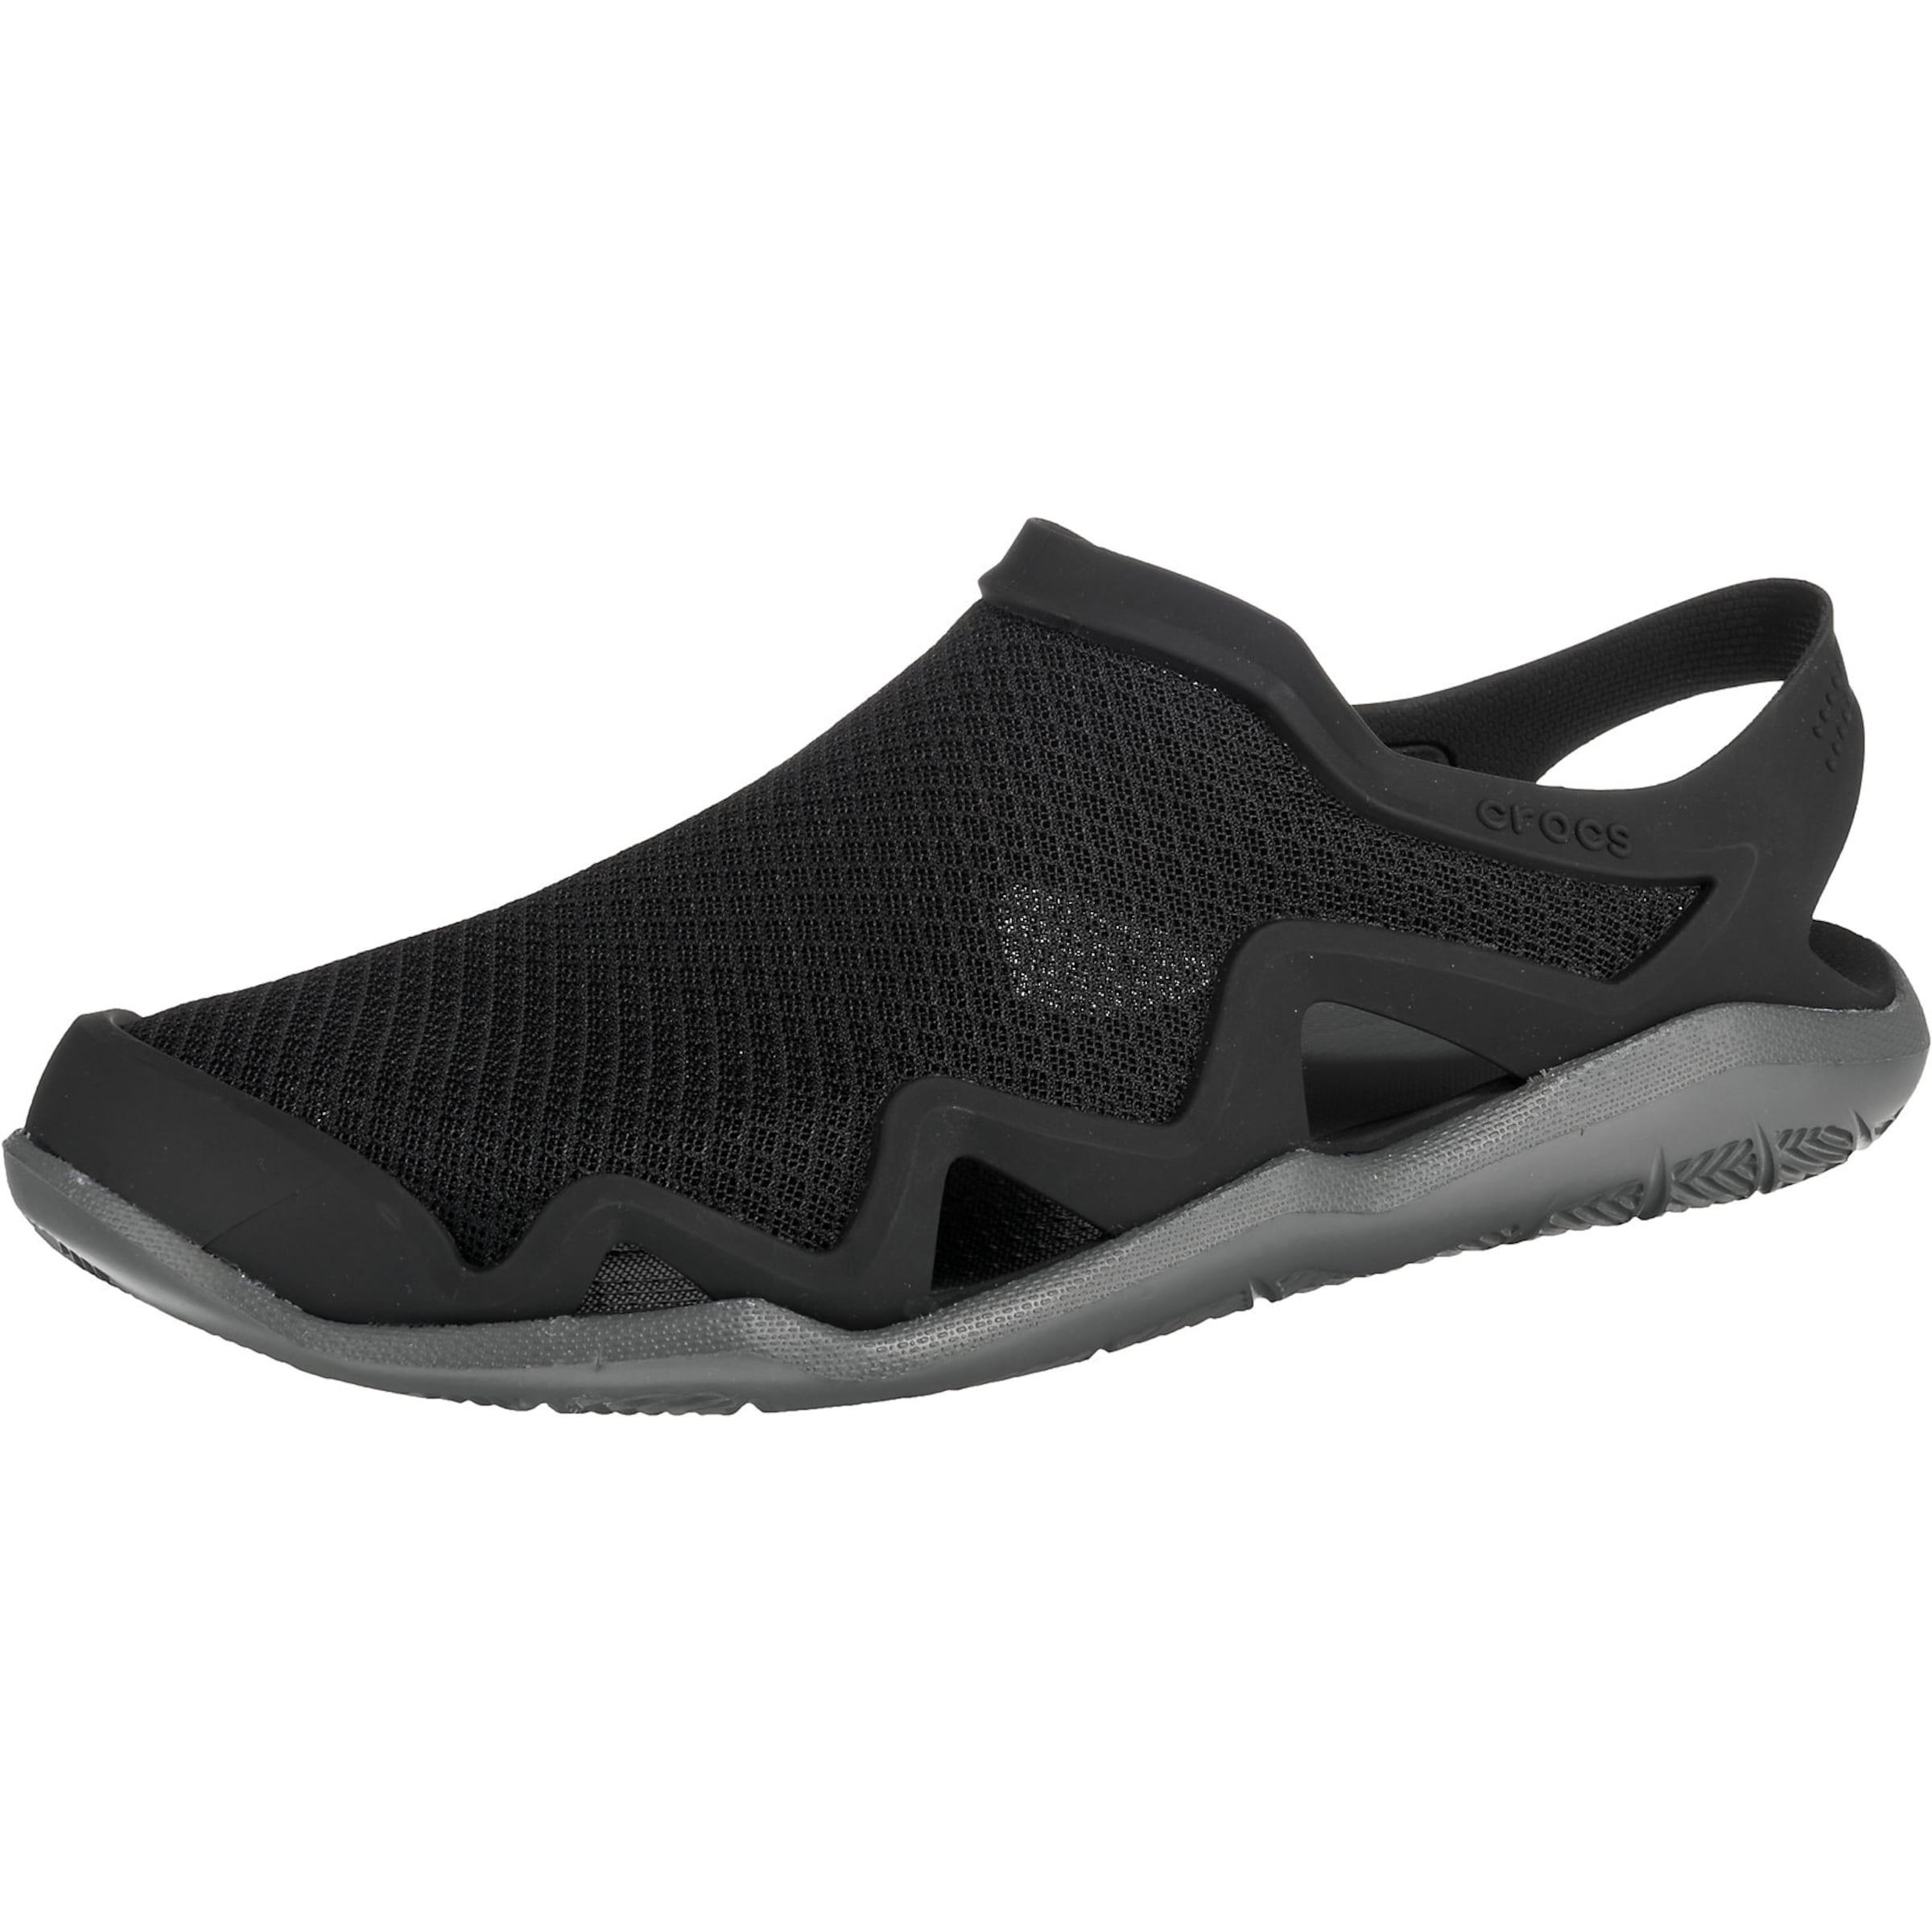 Herren Crocs Komfort-Sandalen 'Swiftwater Mesh Wave M Blk/SGy' schwarz | 00191448331549